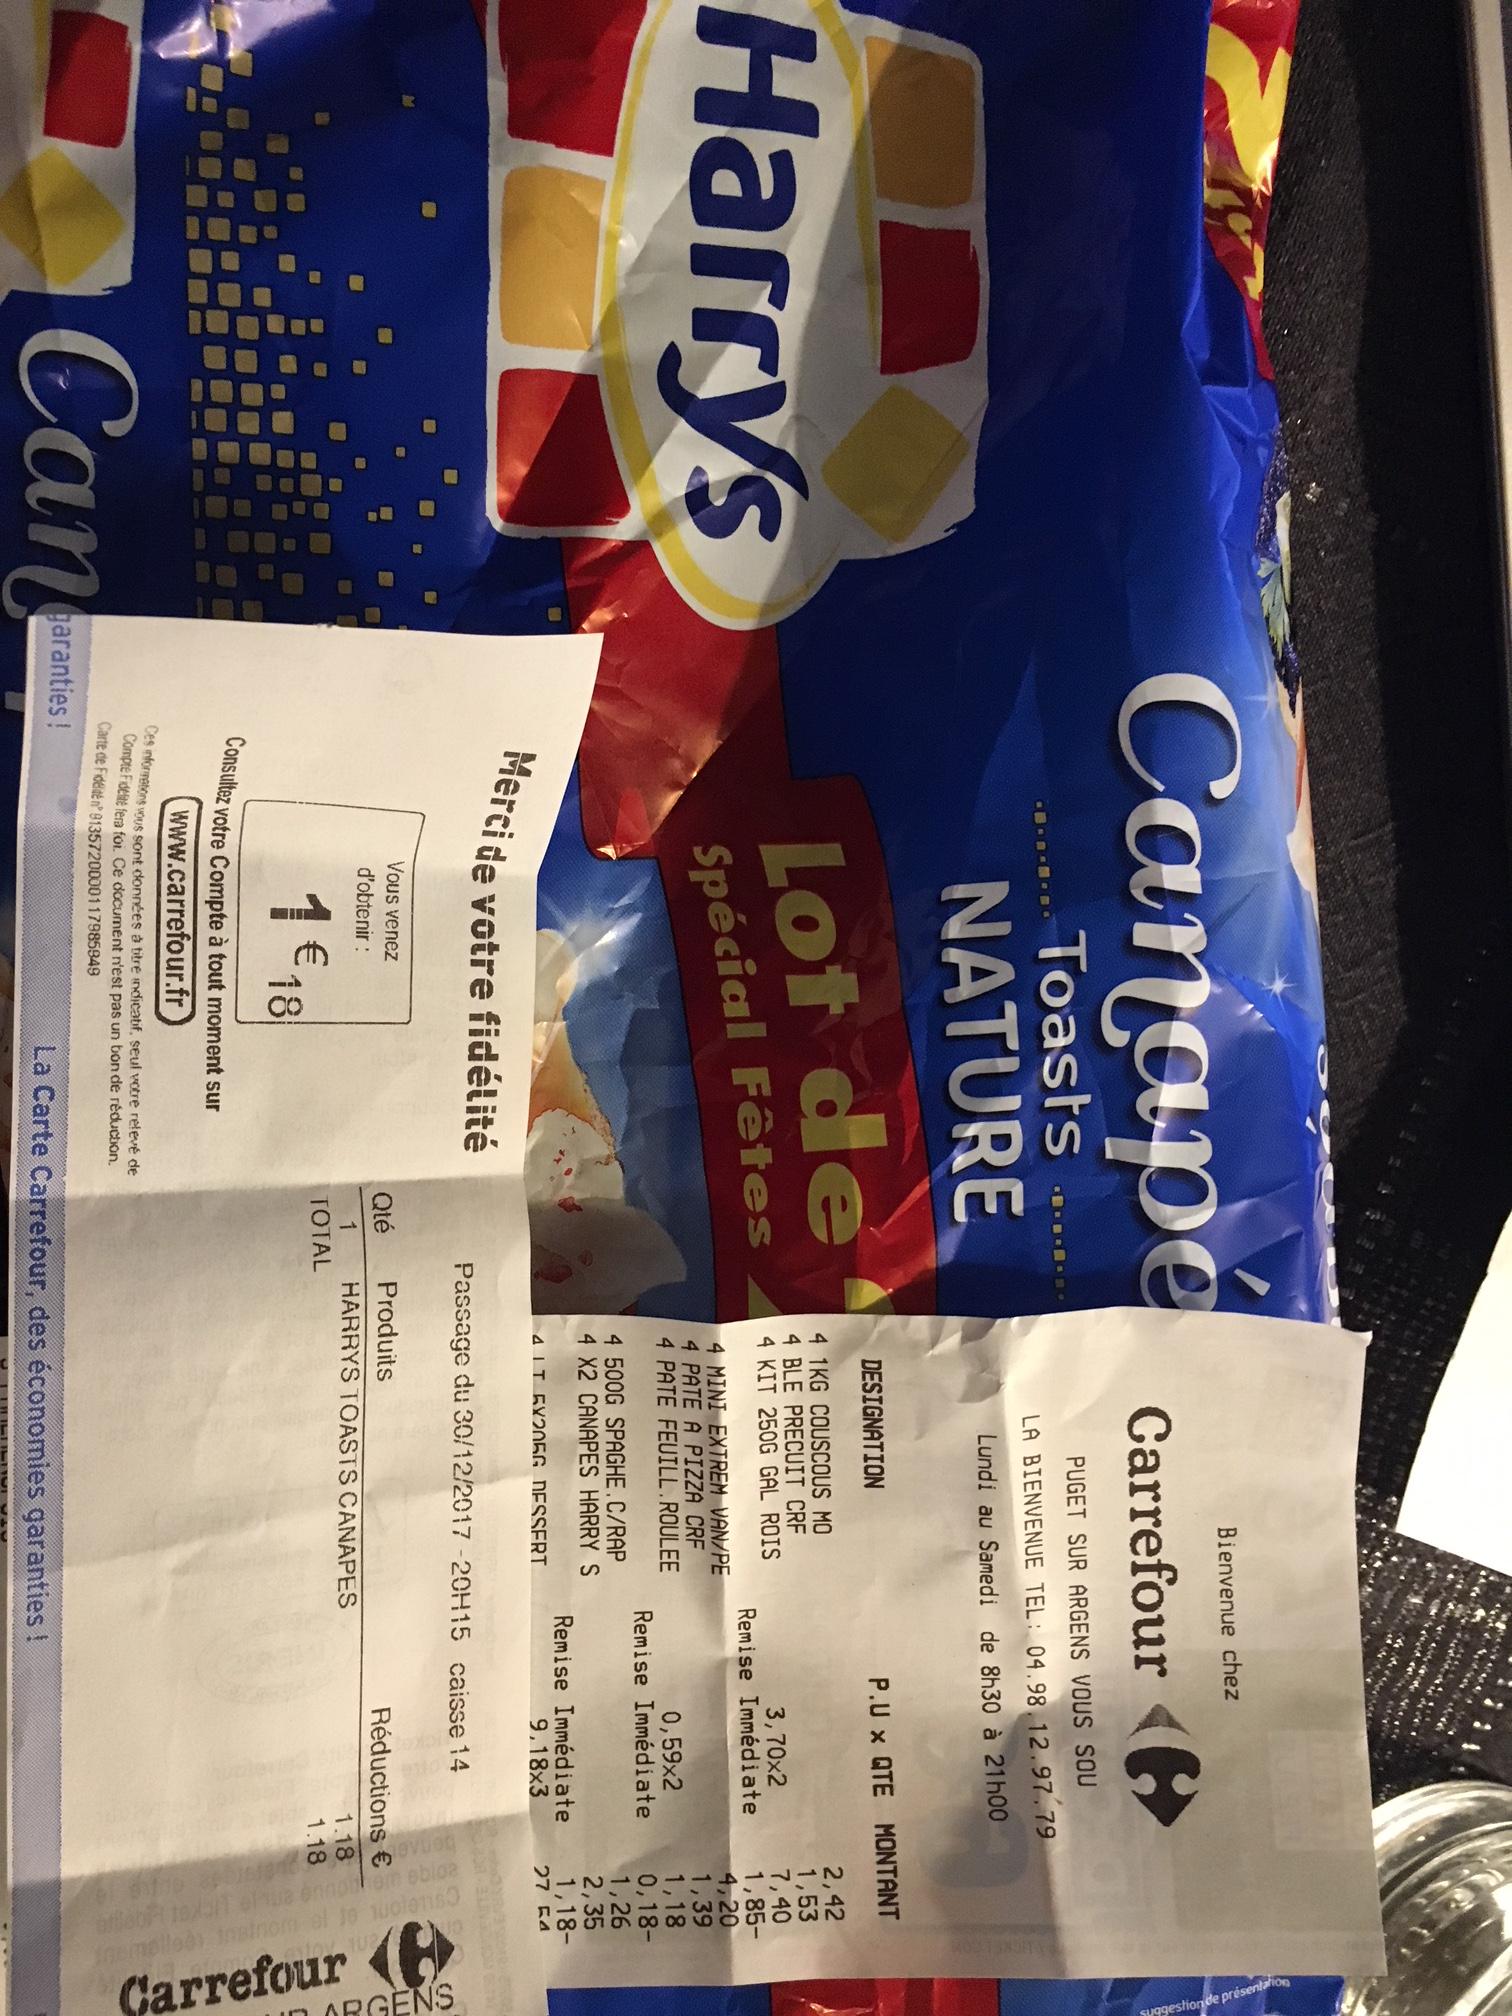 Lot 2 Paquets de Toasts Canapés Harry's gratuits (via 1.18€ fidélité, Pujet s/ Argens - 83)